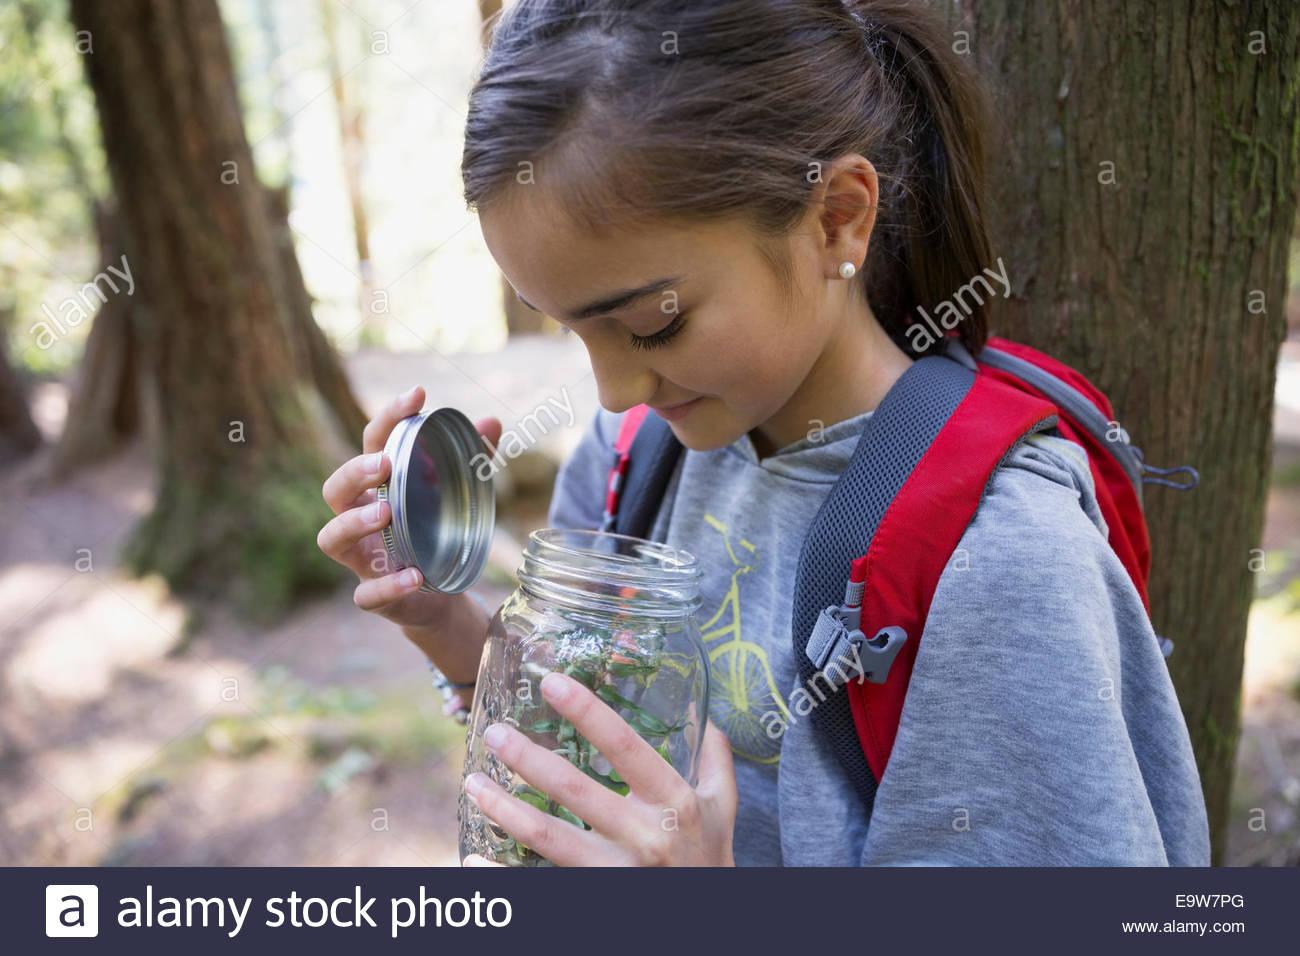 Ragazza in boschi di aprire file jar contenente piante Immagini Stock